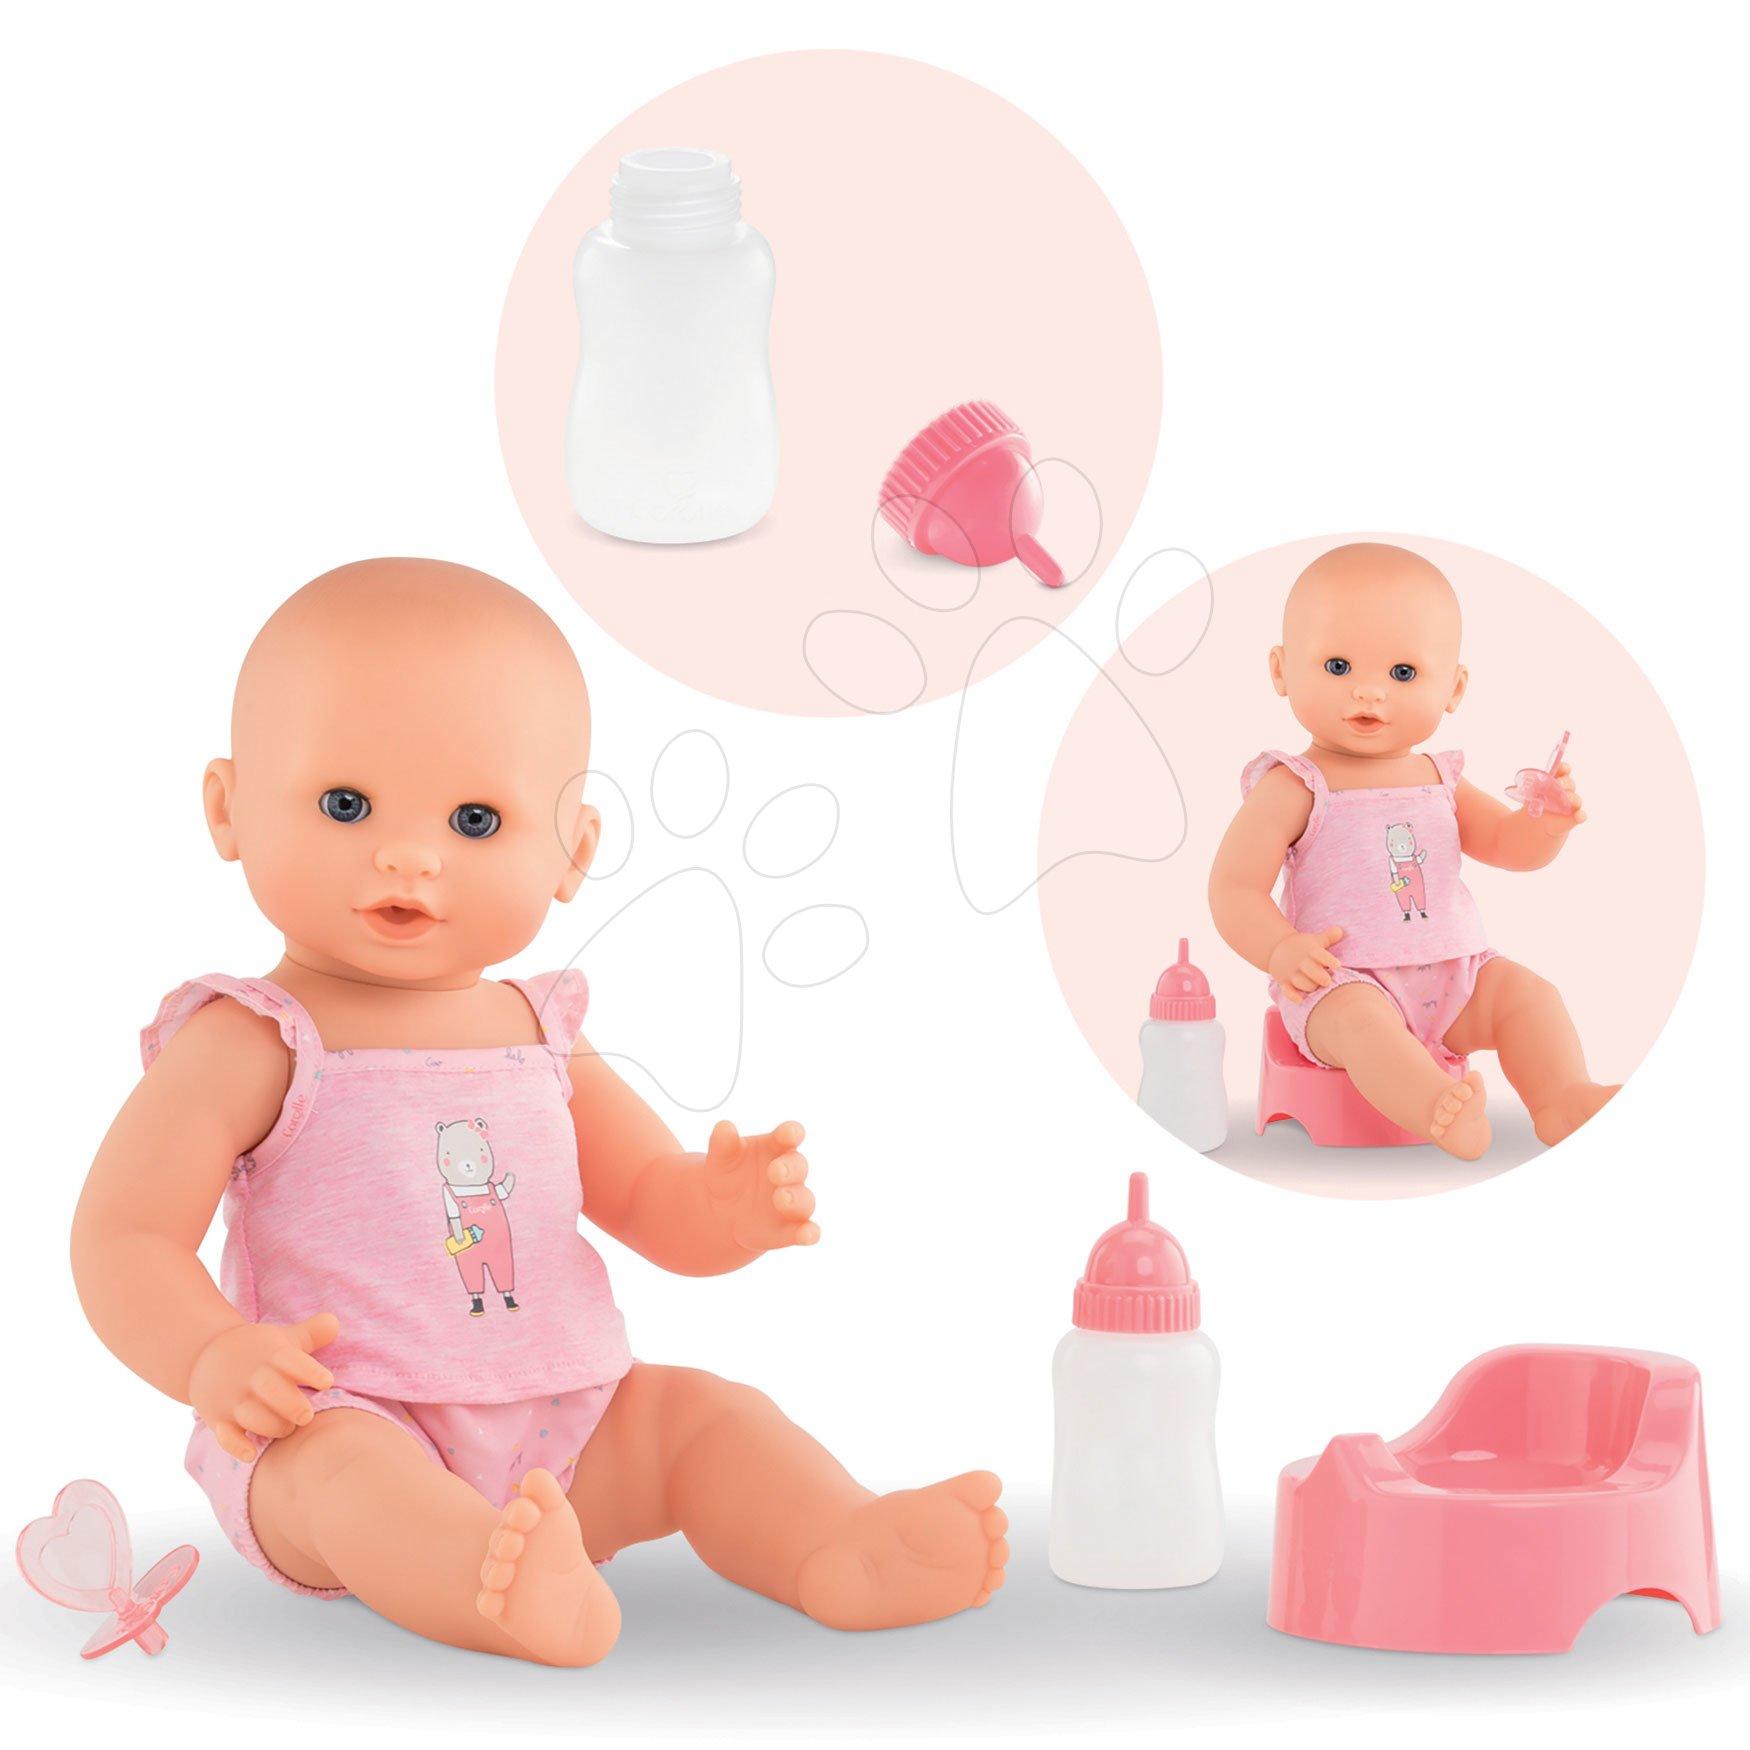 Bábiky od 24 mesiacov - Bábika Emma pije ciká a kúpe sa Mon Grand Poupon Corolle 36 cm s modrými klipkajúcimi očami a 3 doplnky od 24 mes